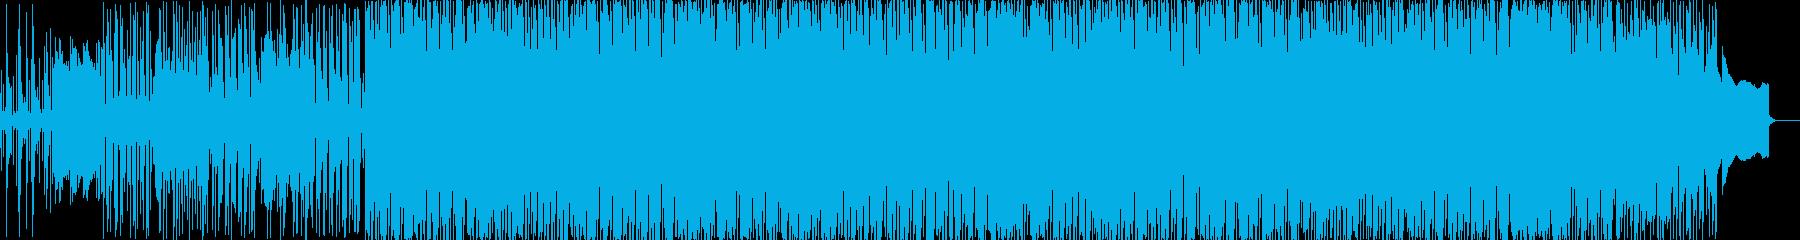 テレビゲーム 技術的な ハイテク ...の再生済みの波形